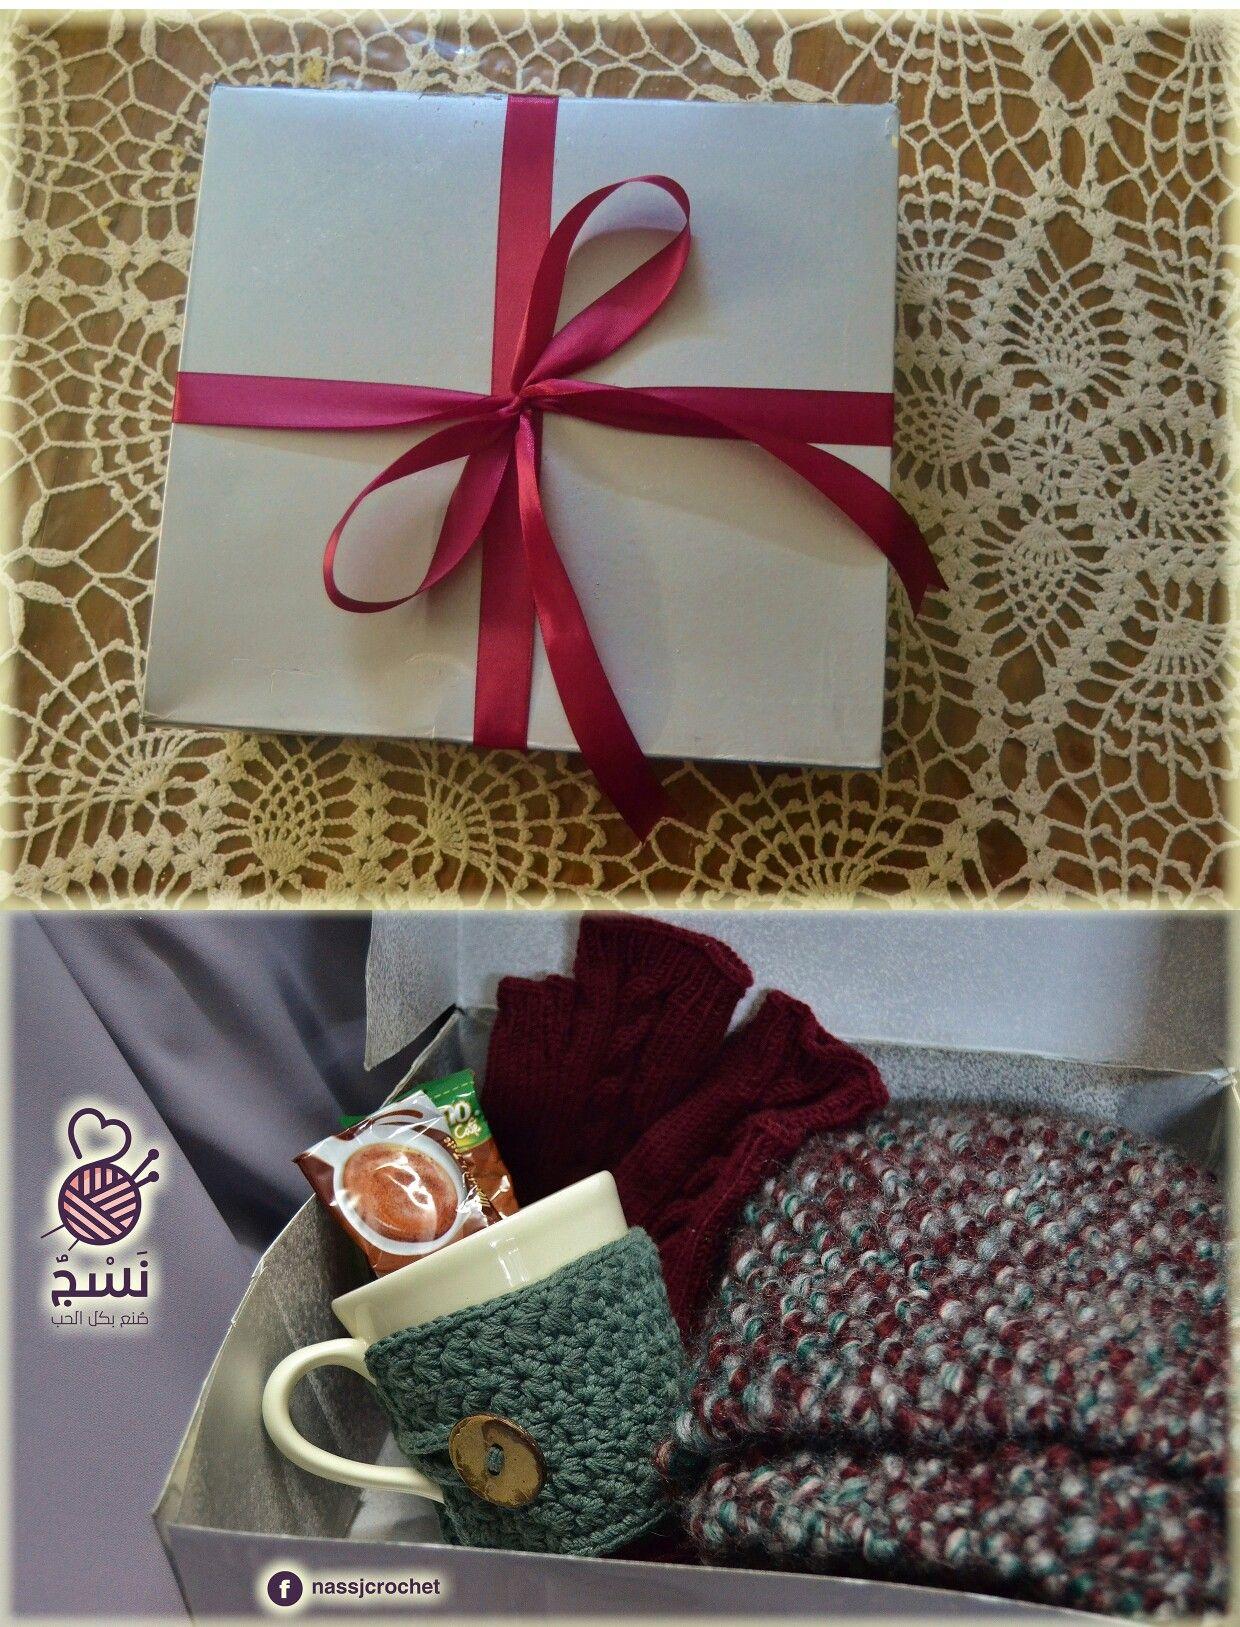 عدة الشتاء كوفية وجوانتى وغلاف للمج يزيده تفرد وتأنق انتظرونا مع صور كل منتج على حدا بشكل أوضح نسج كروشيه صنع بكل Gift Wrapping Gifts Wrap